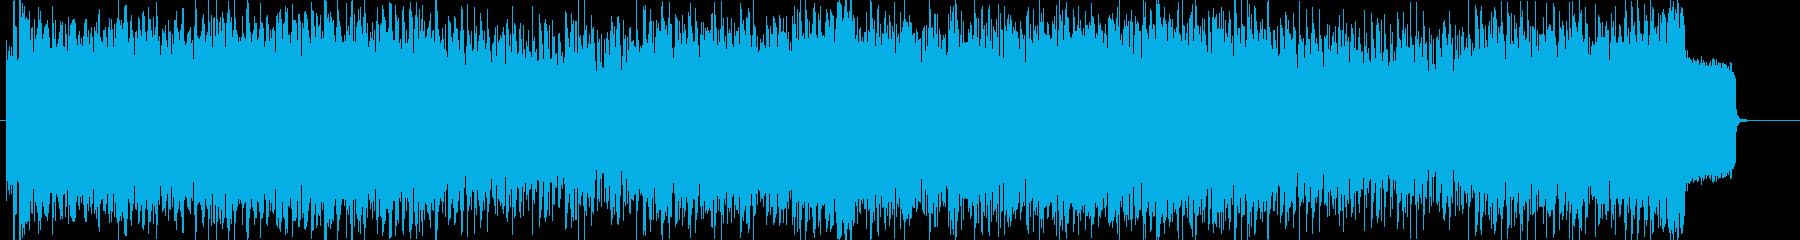 切なさとかっこよさを取り入れたEDMの再生済みの波形